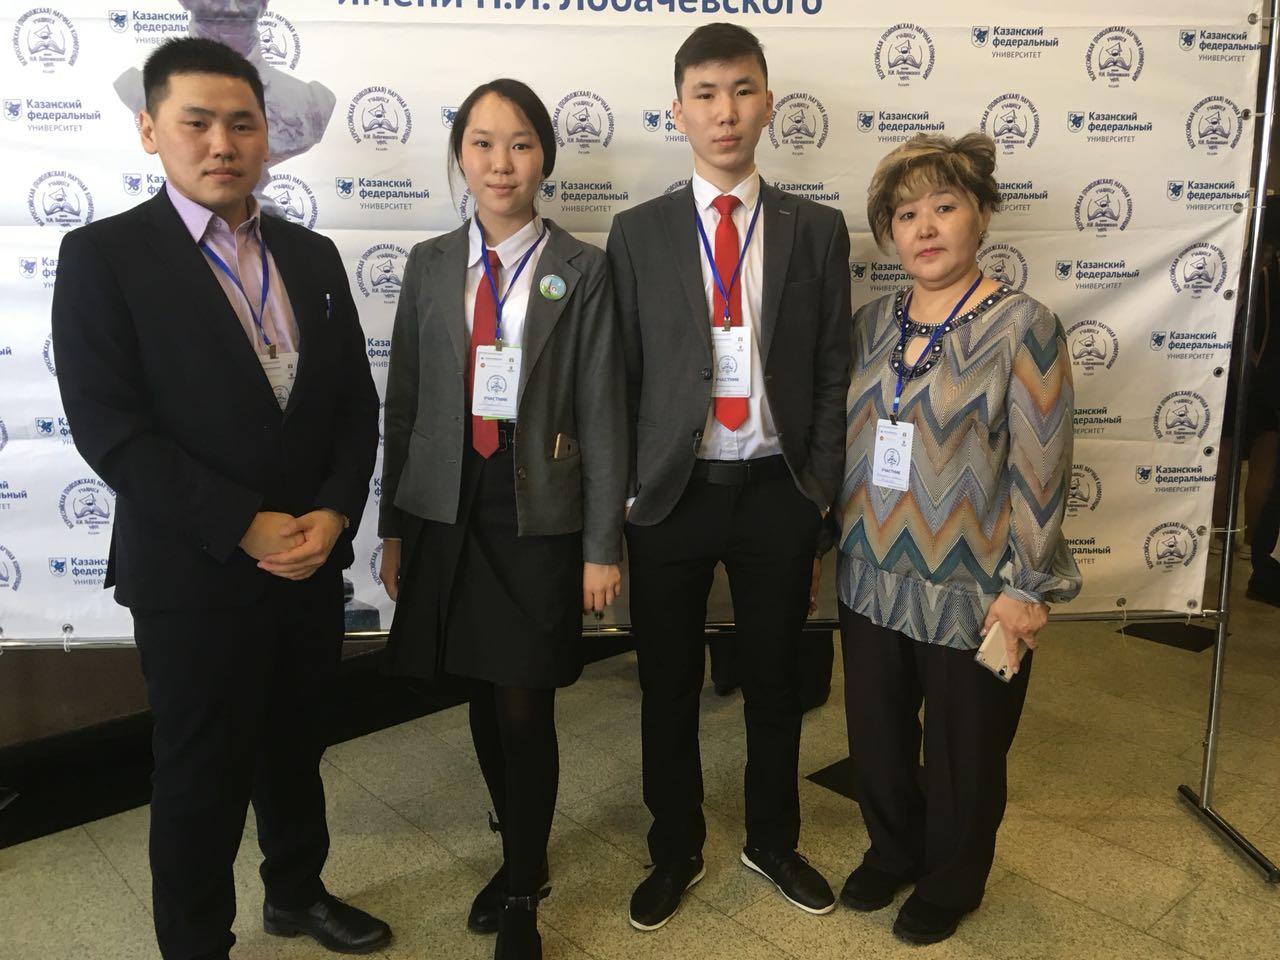 Участники Поволжской конференции, г.Казань